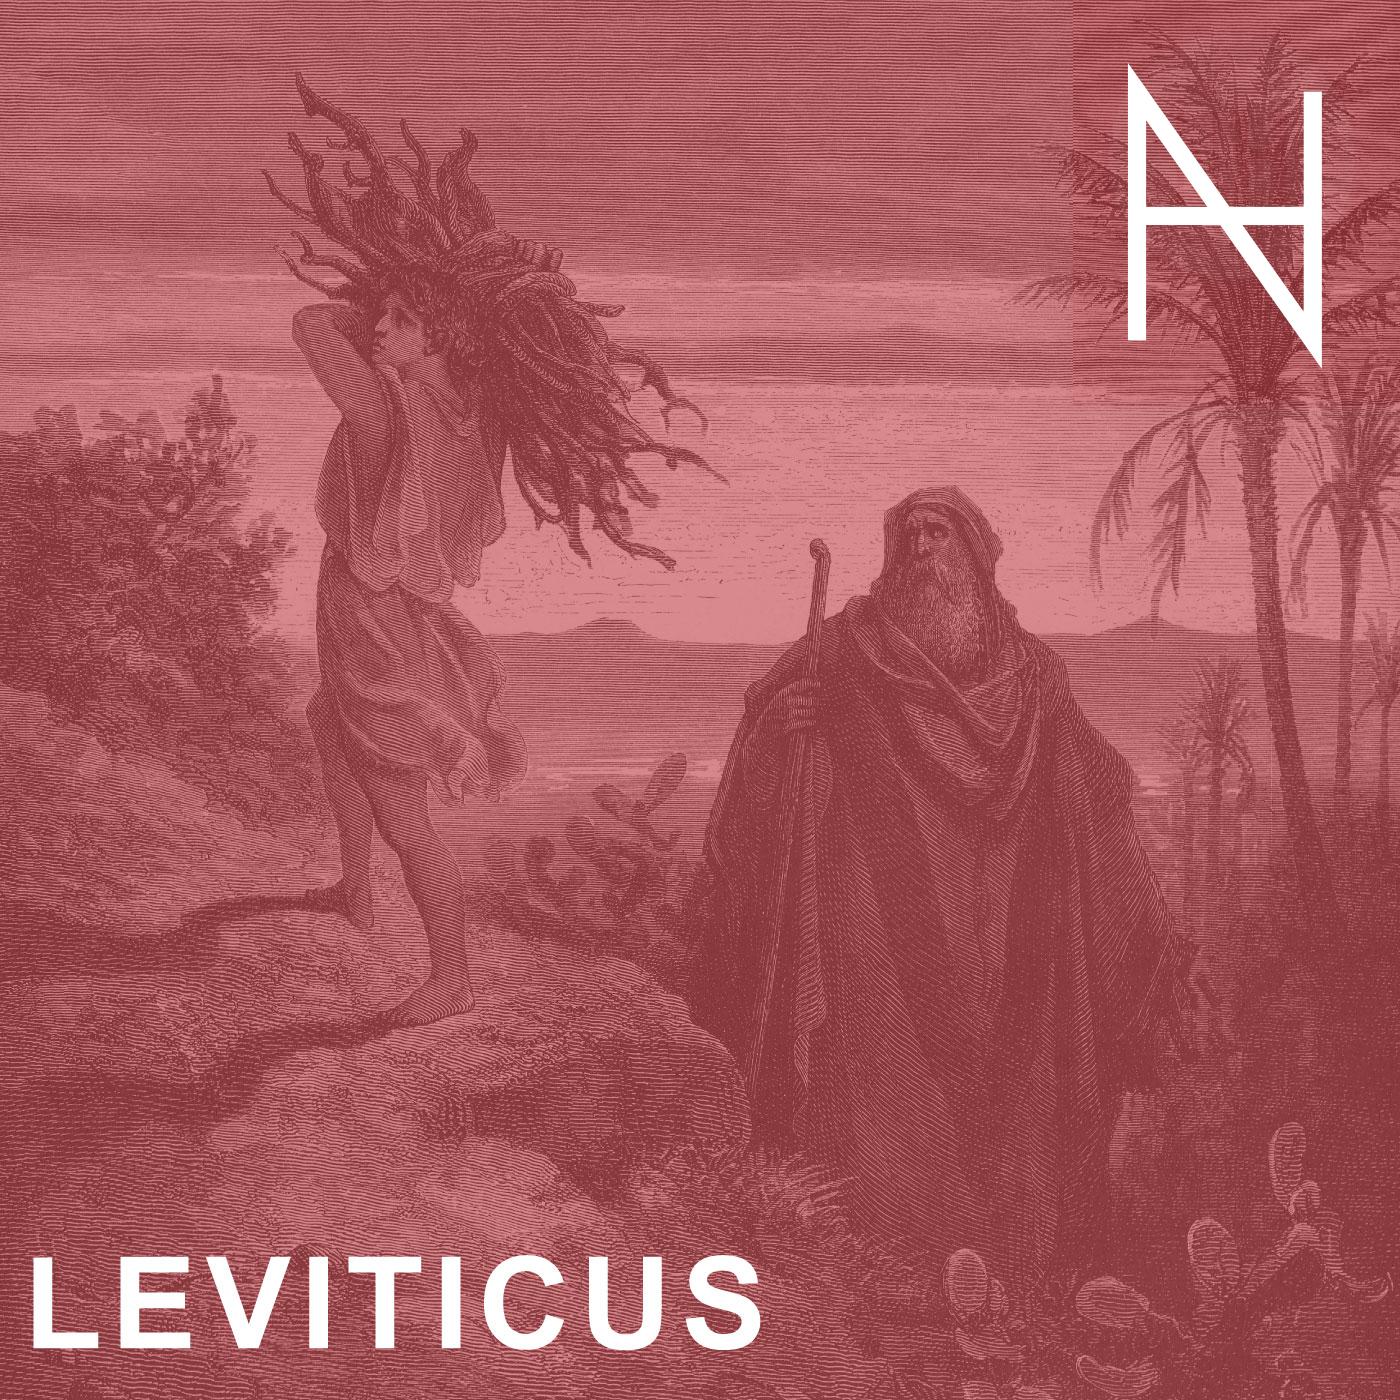 Leviticus.jpg